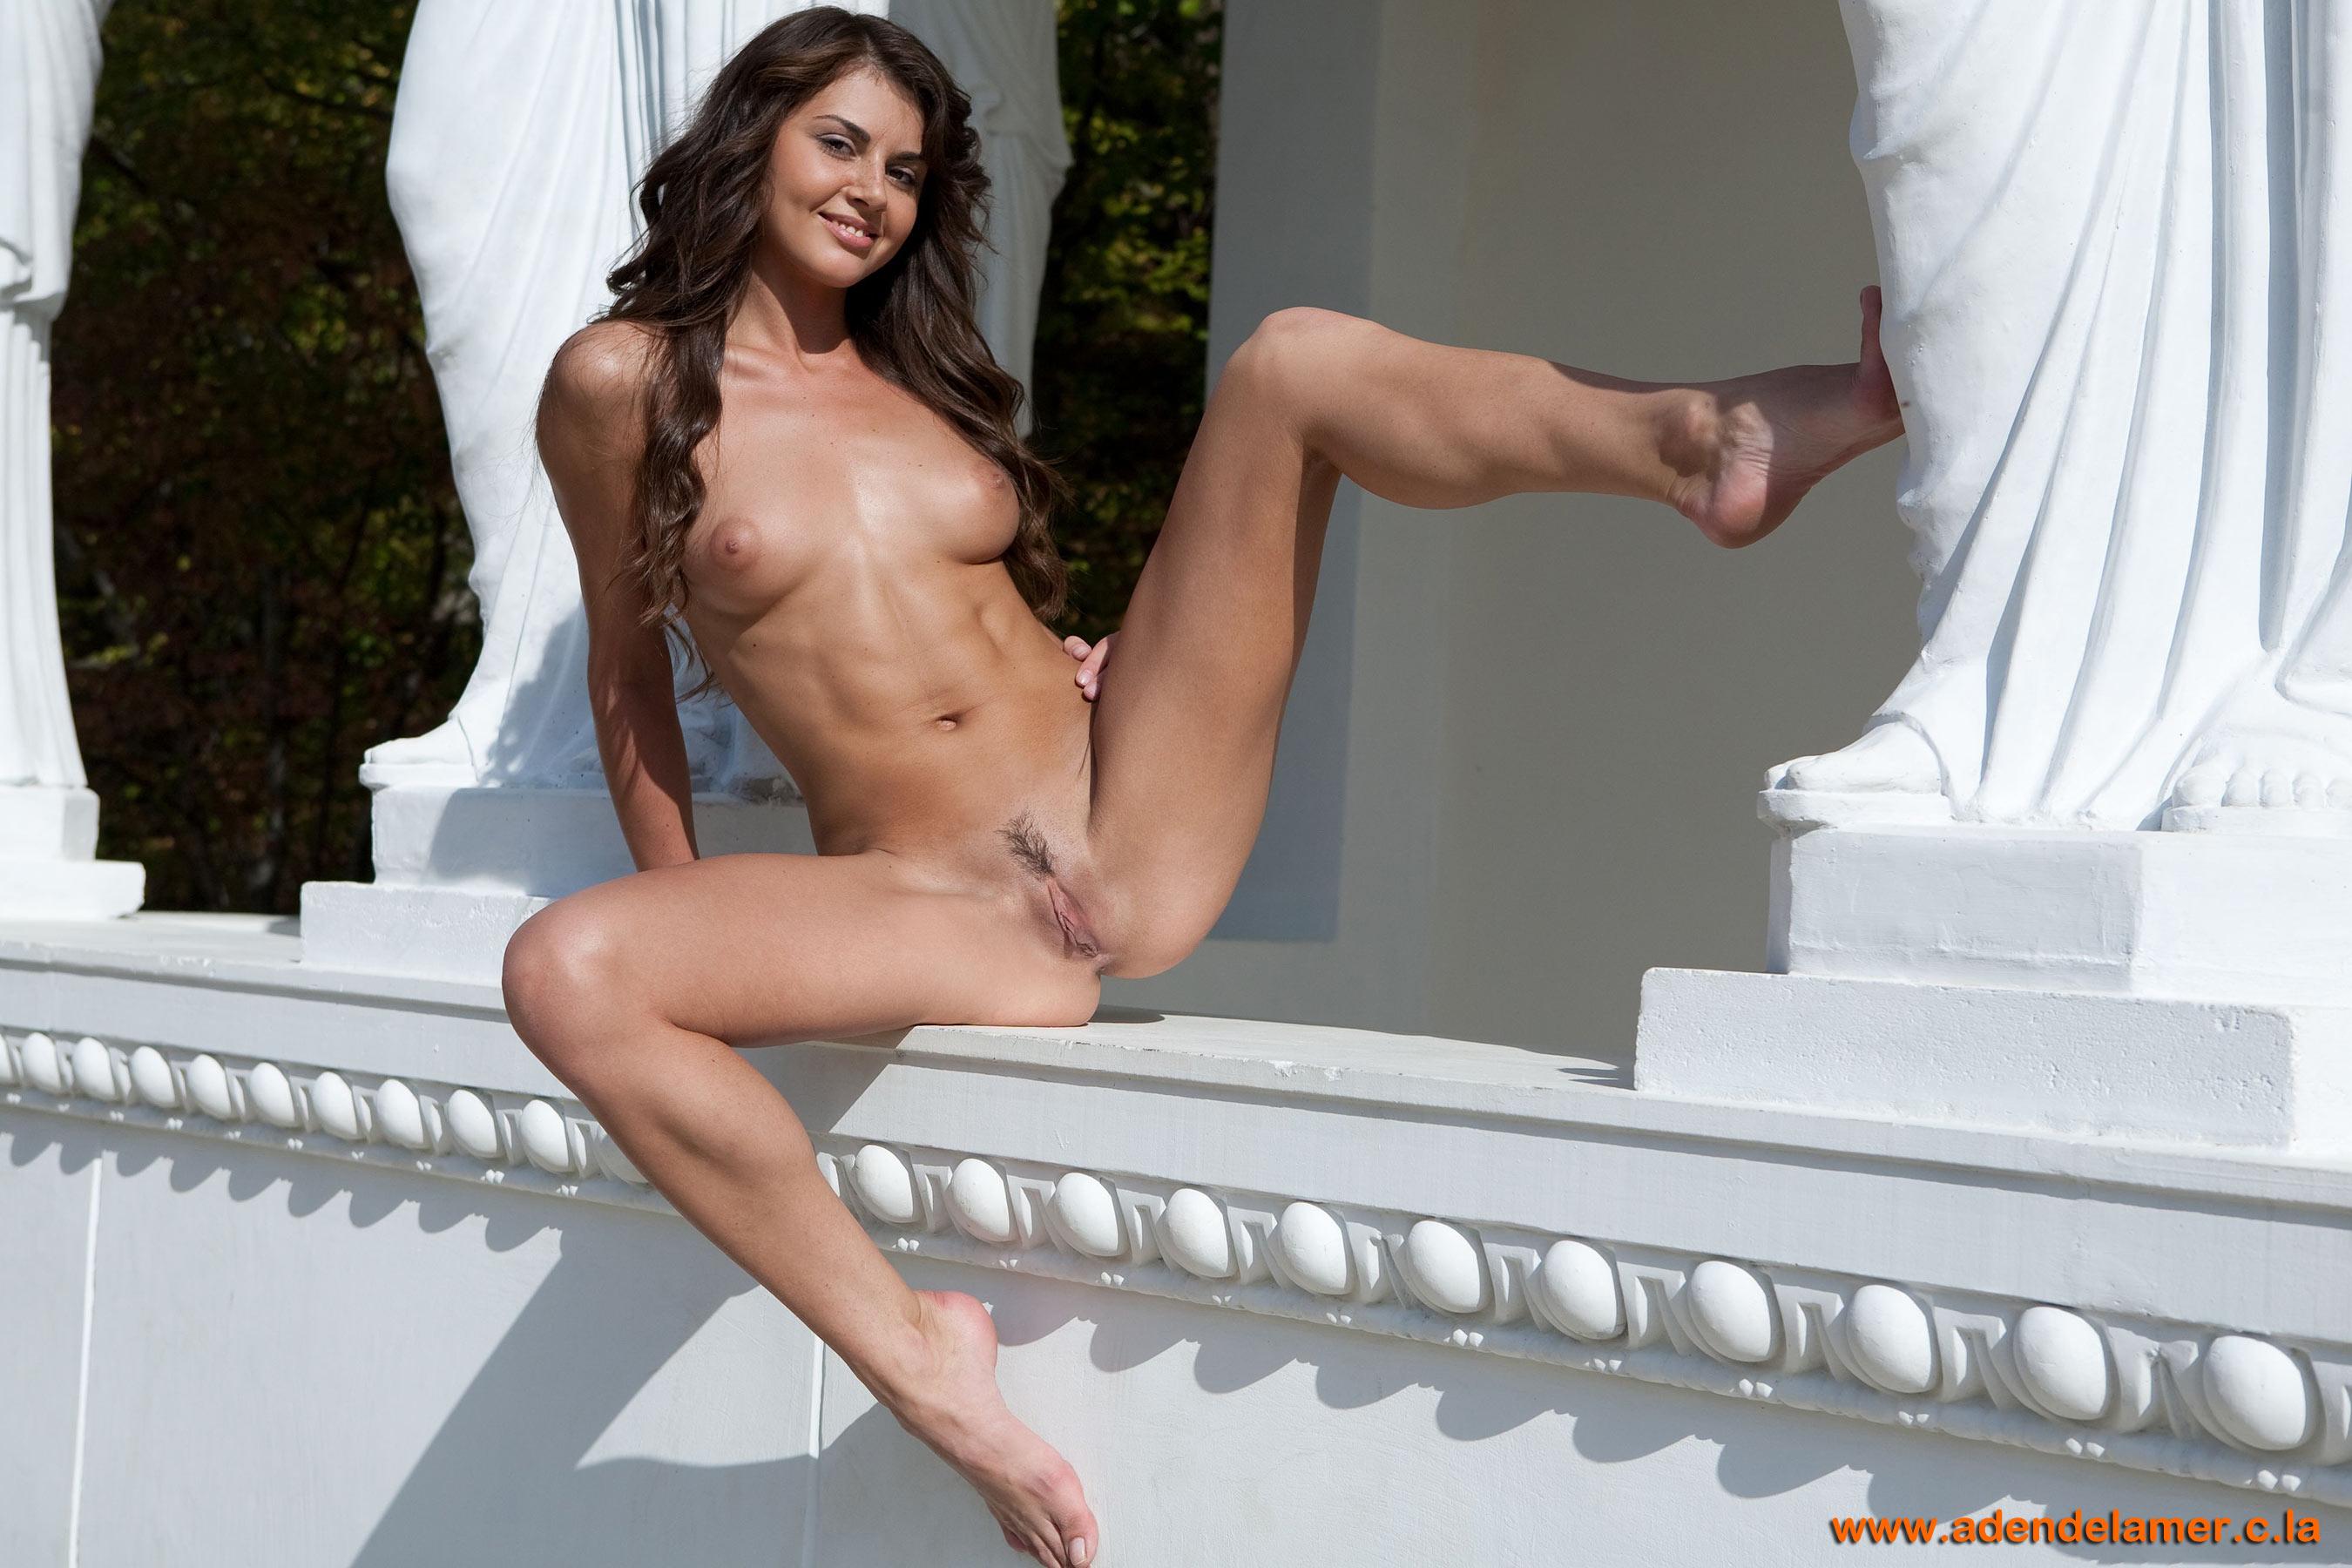 Фото обнажённой девушки в полный рост 8 фотография